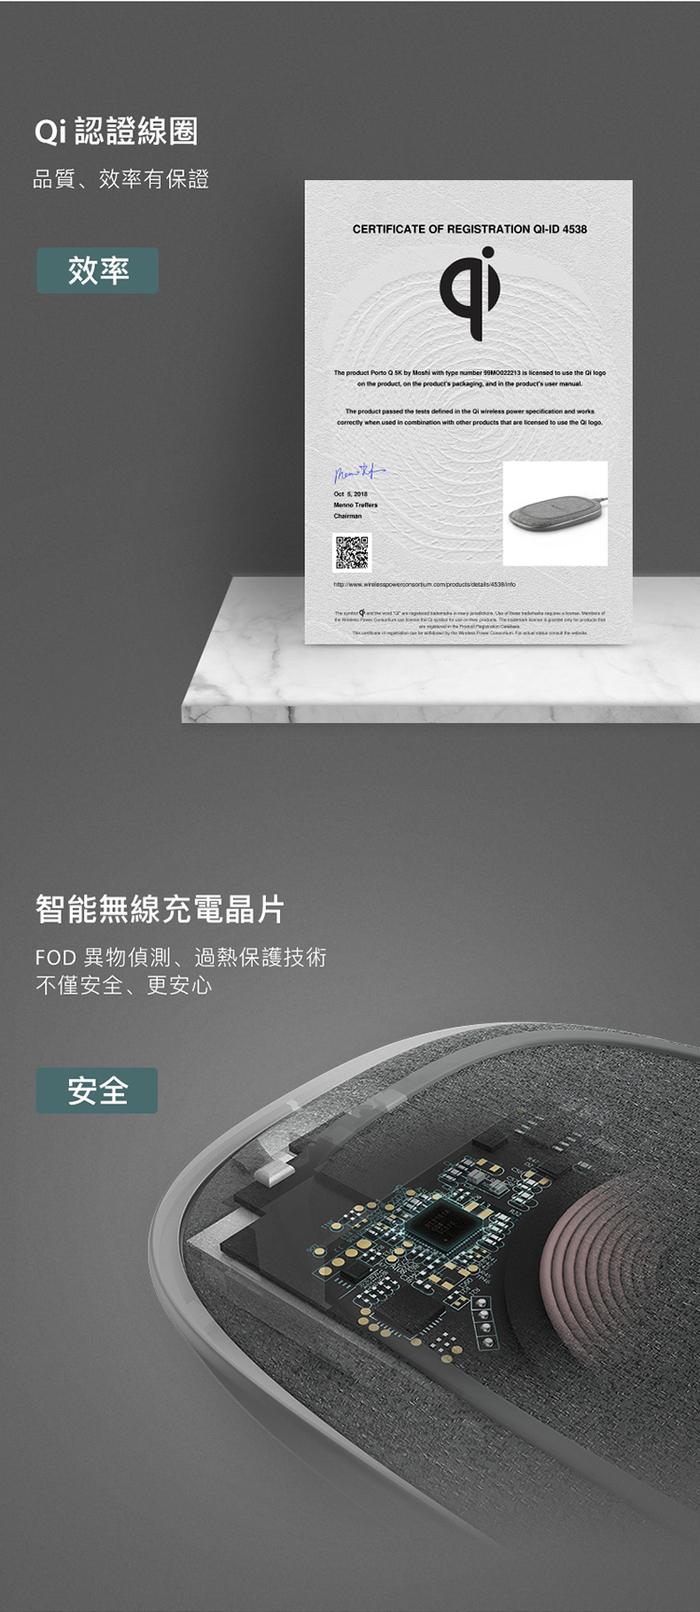 (複製)Moshi|IonSlim 10K 行動電源 (灰)